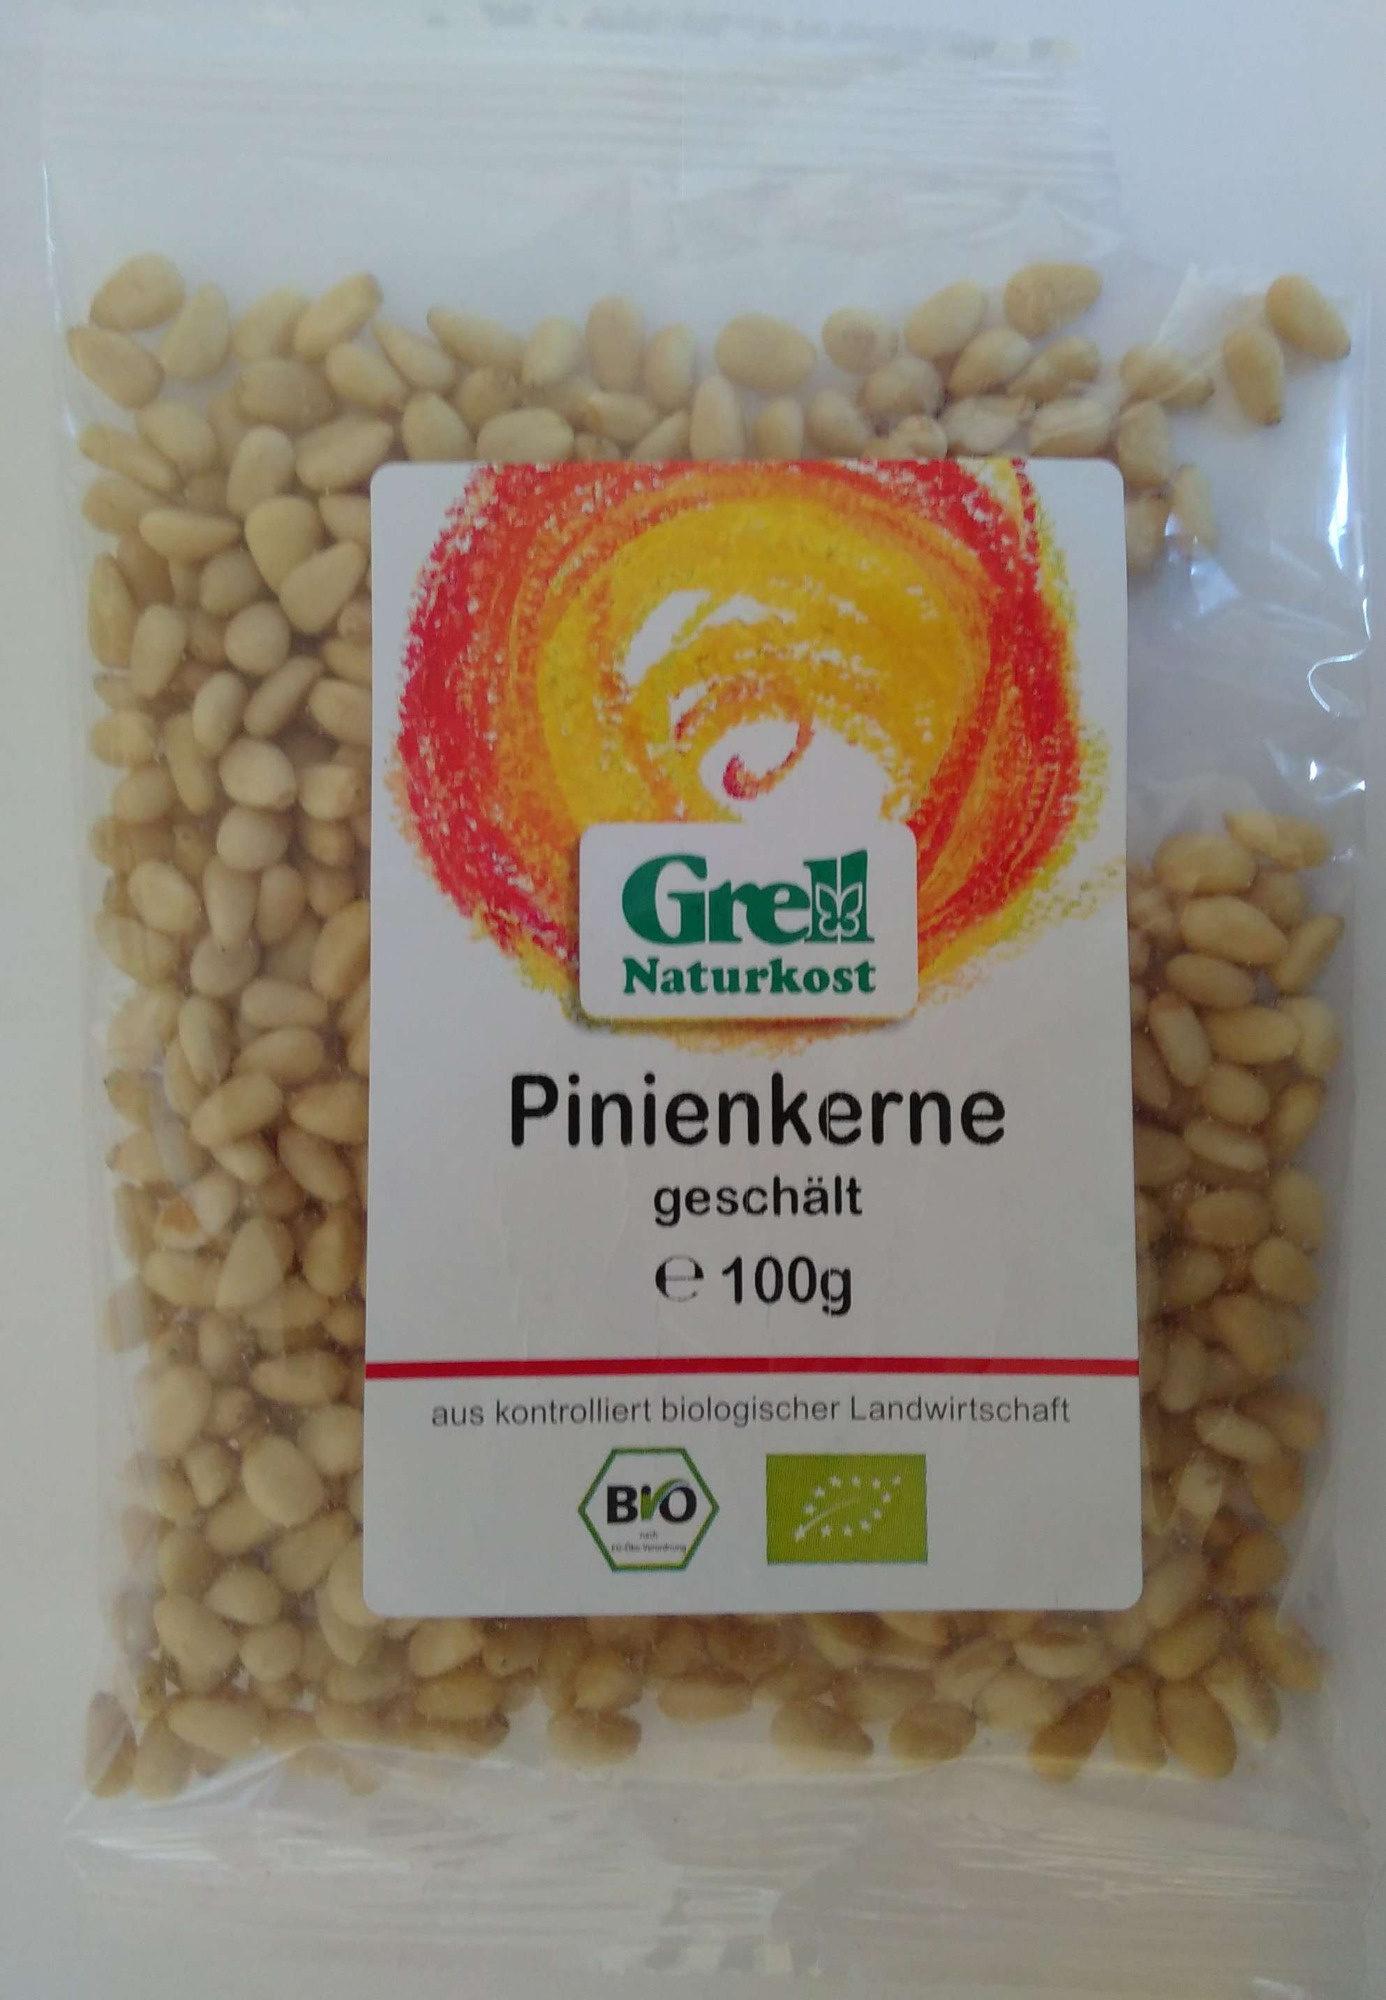 Pinienkerne - Product - de